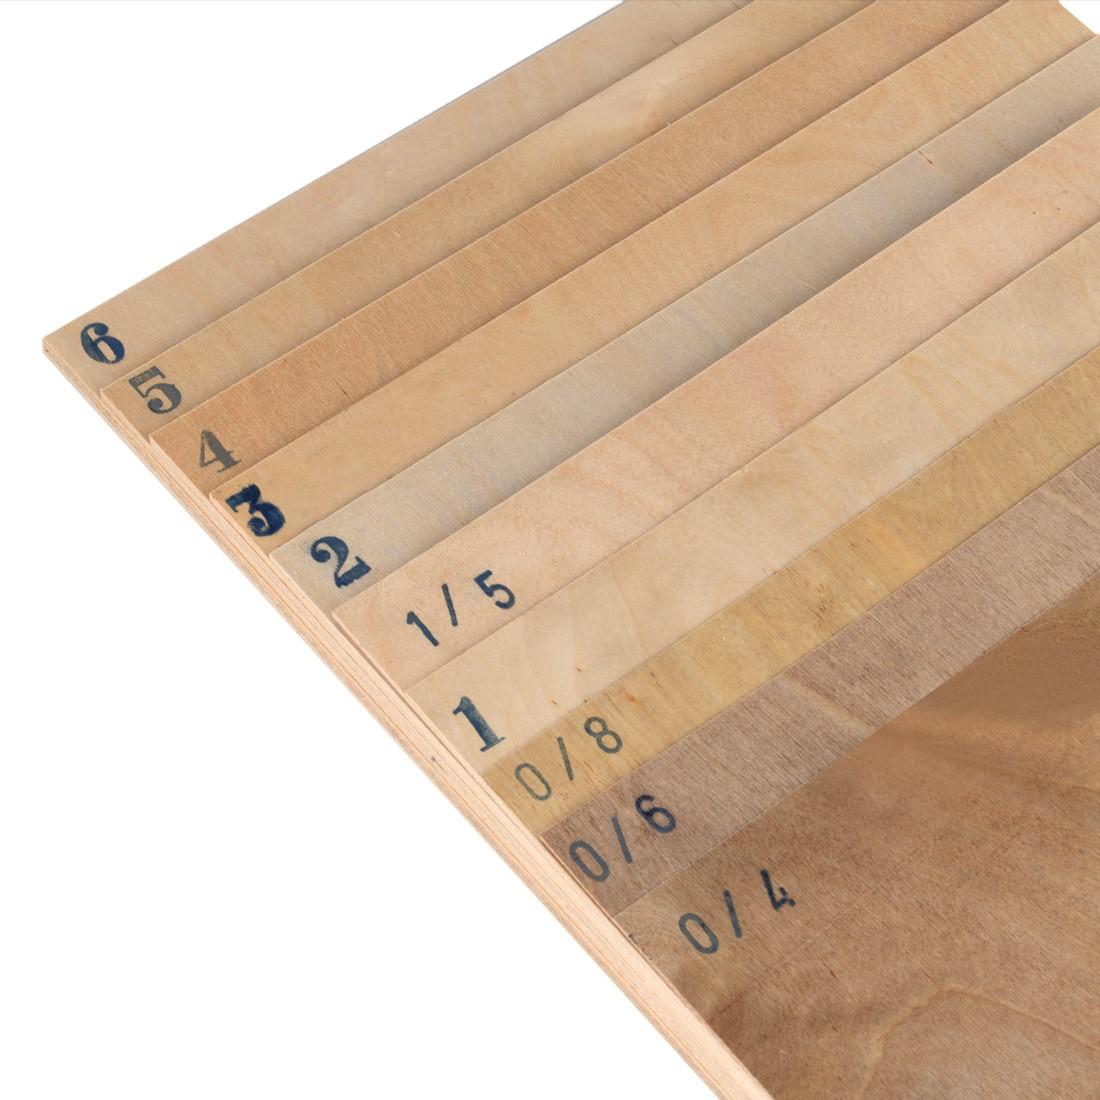 Avio Birch plywood mm.0,4 cm.122x40